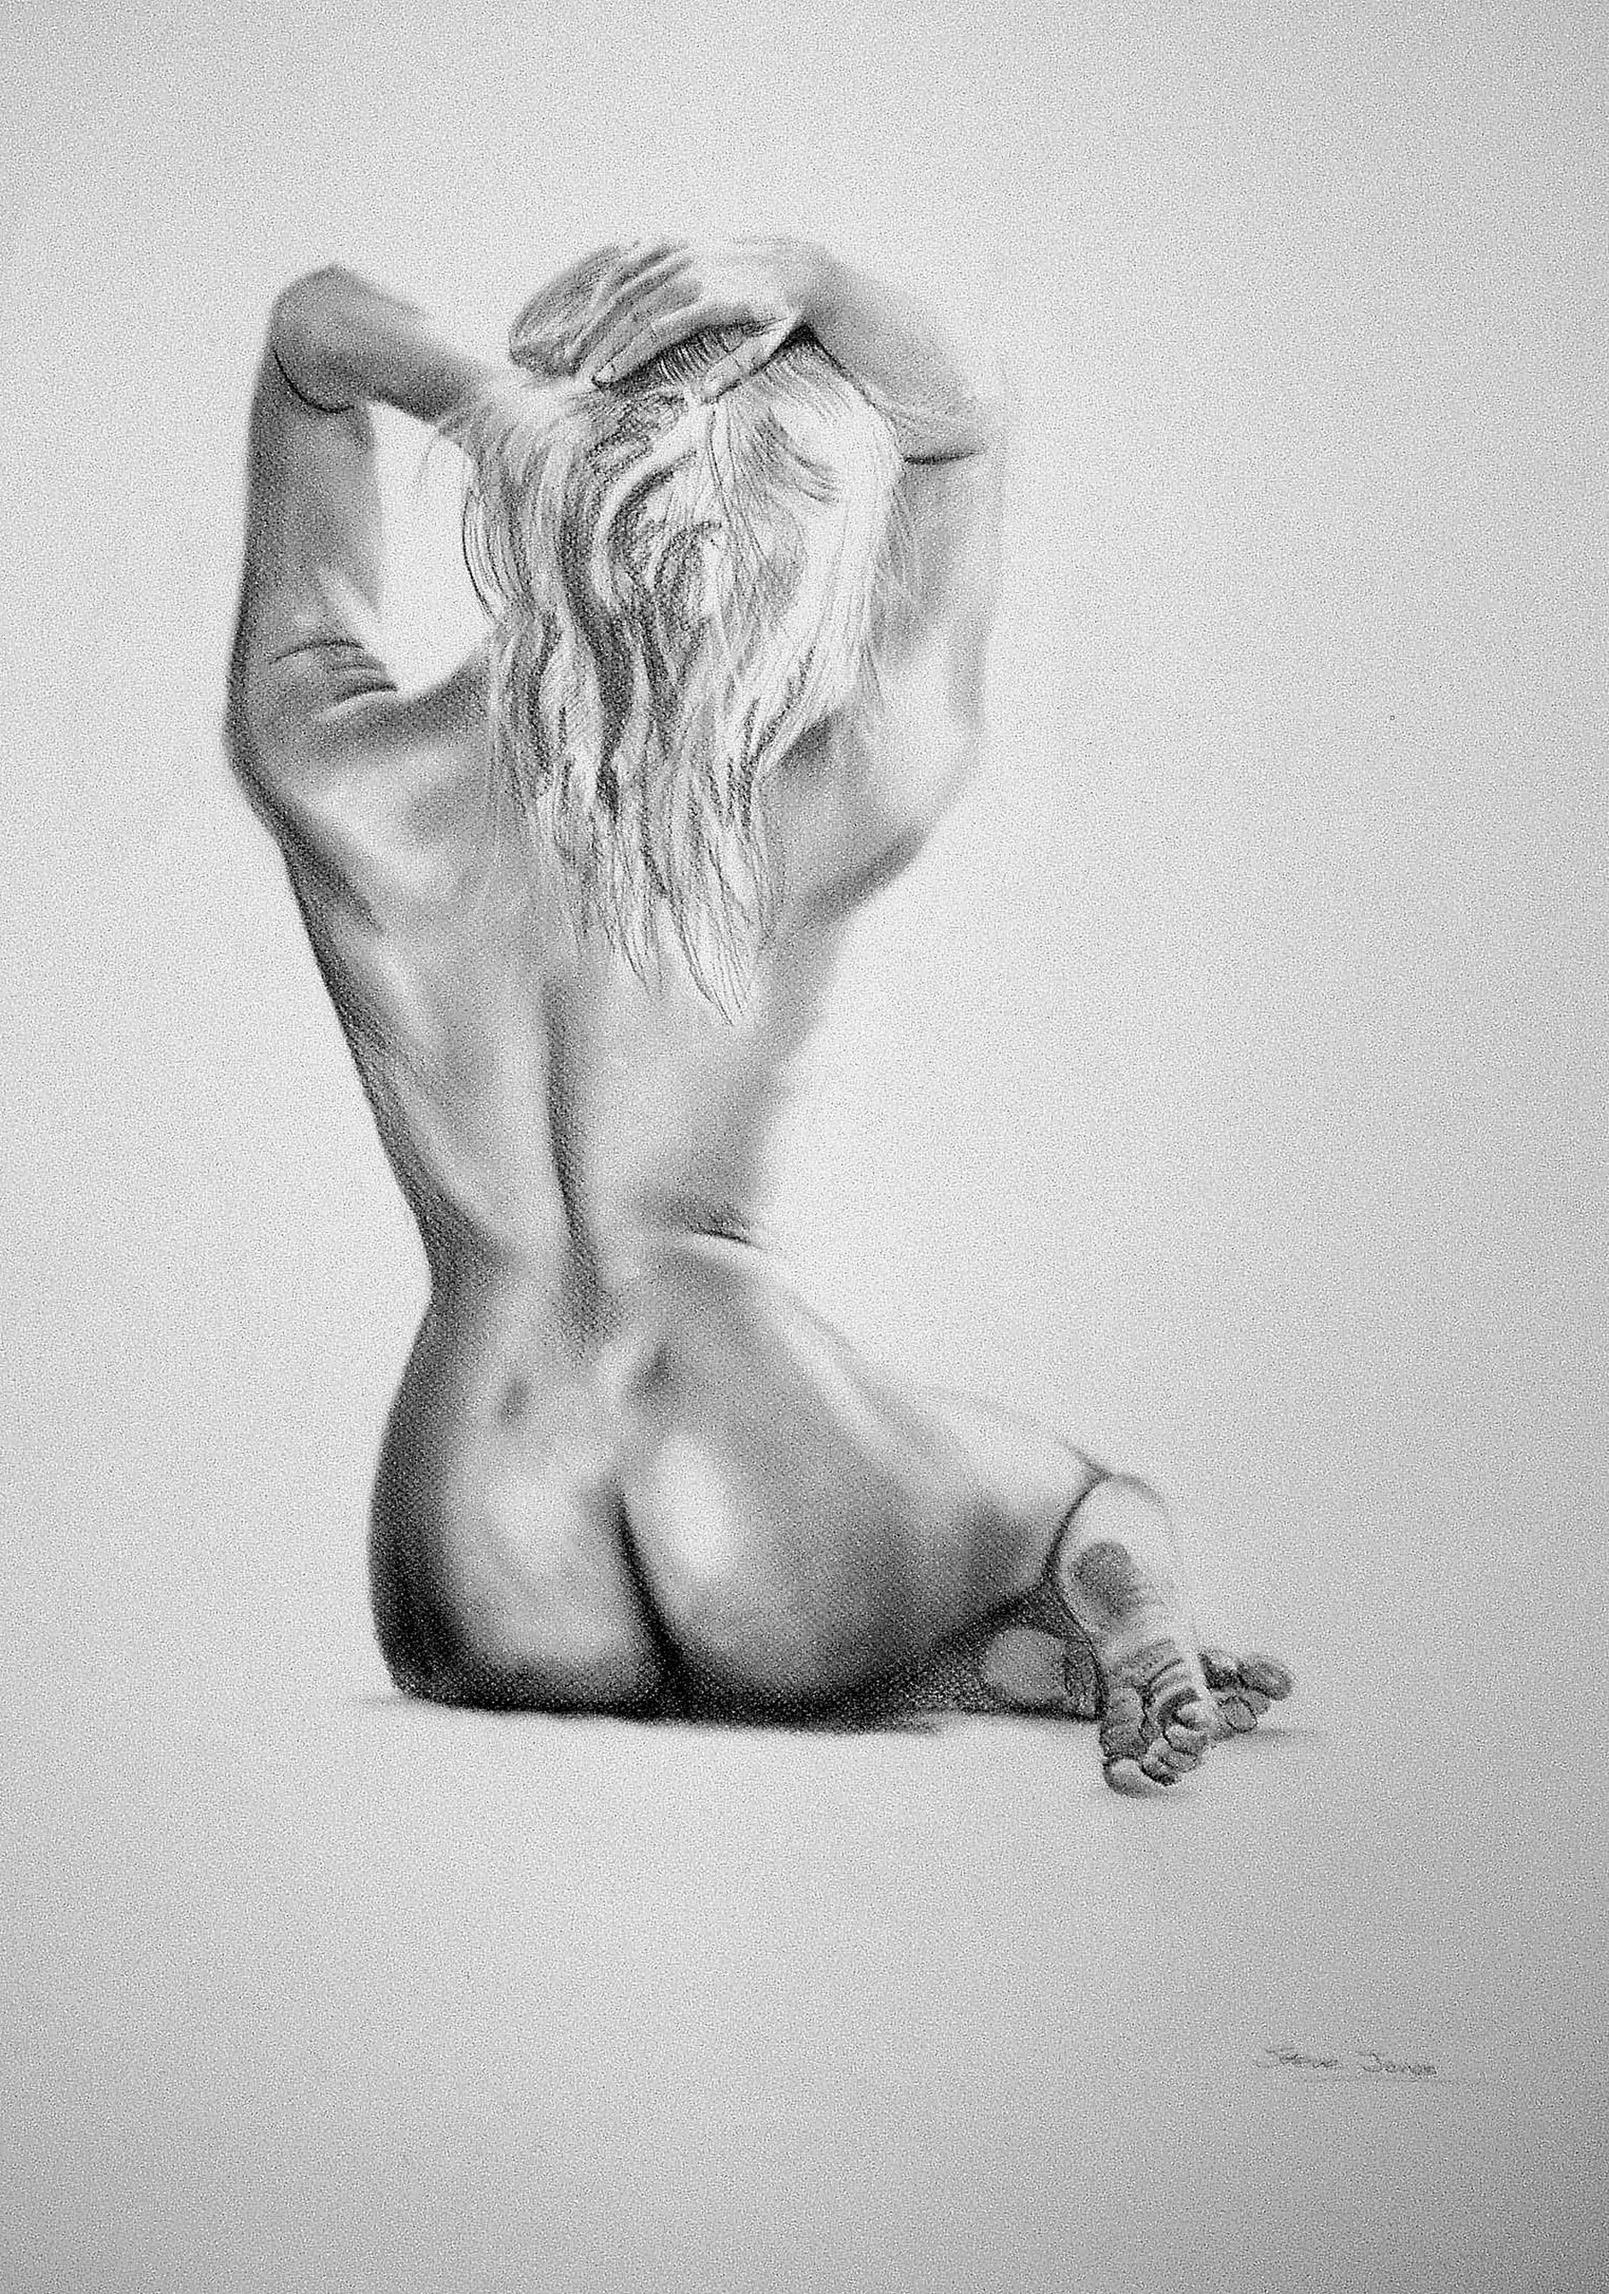 Art boudoir custom drawing fine nude pencil portrait